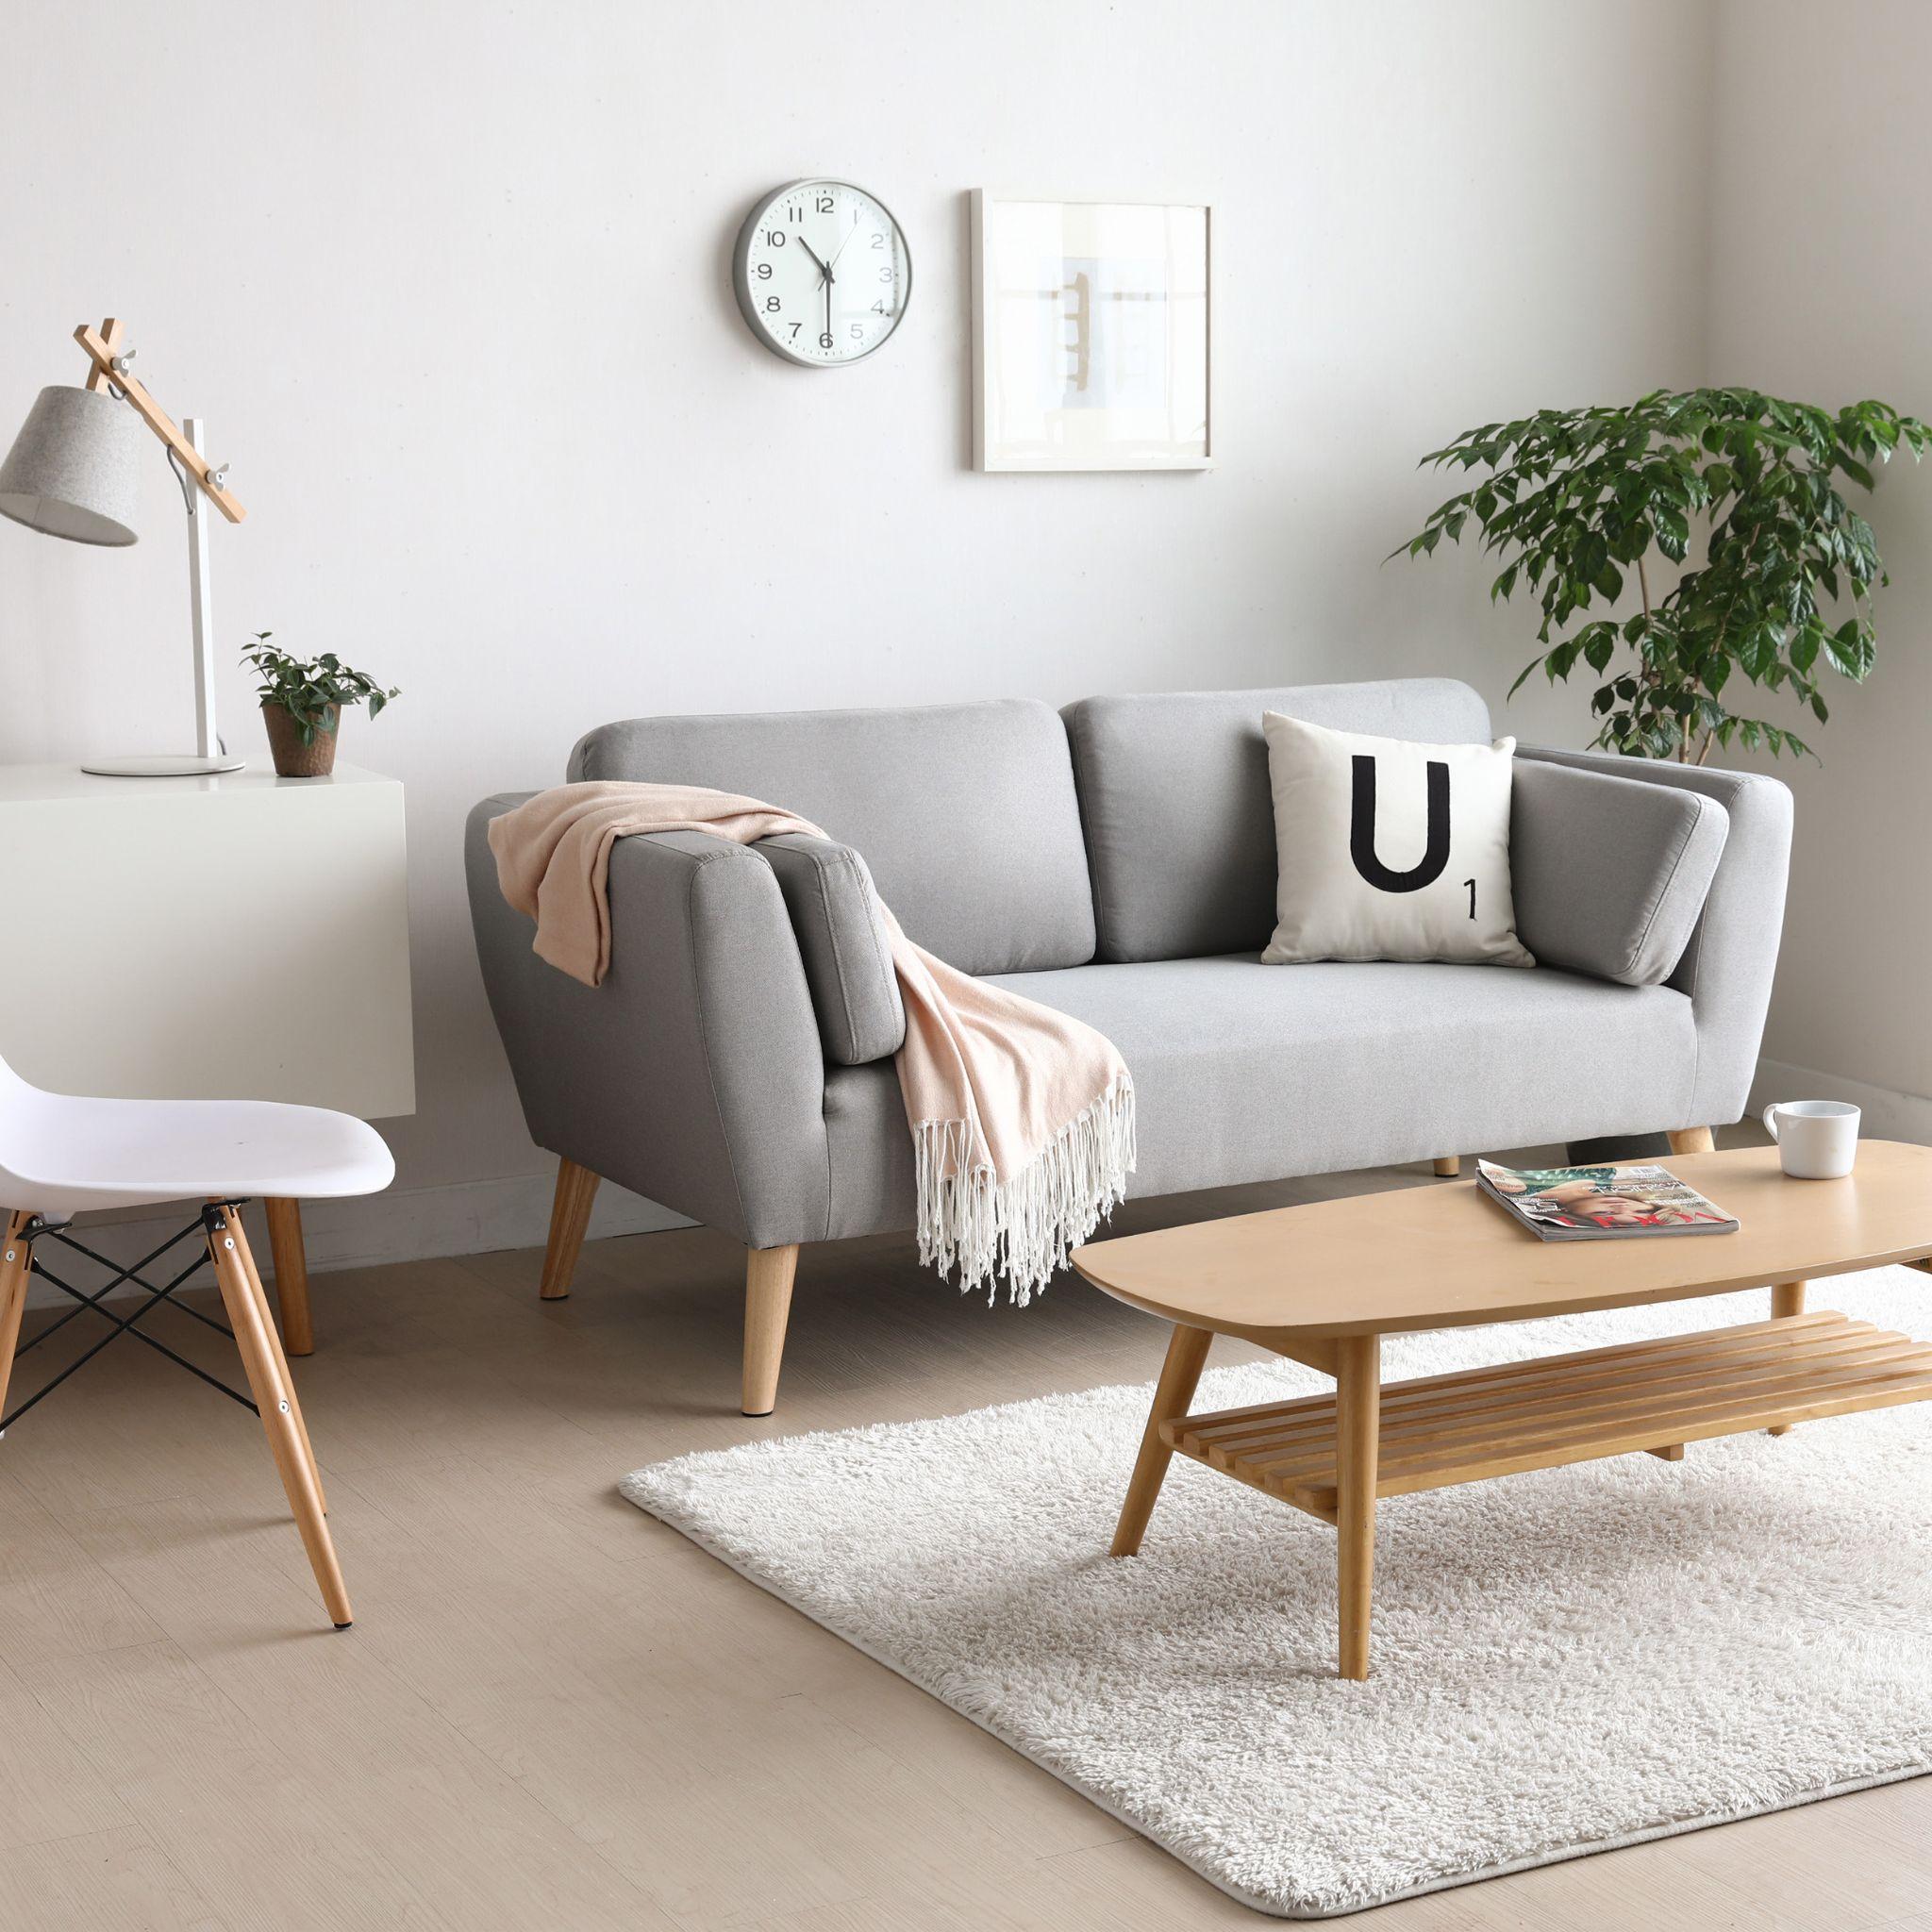 Sofa Evy al estilo Lagom